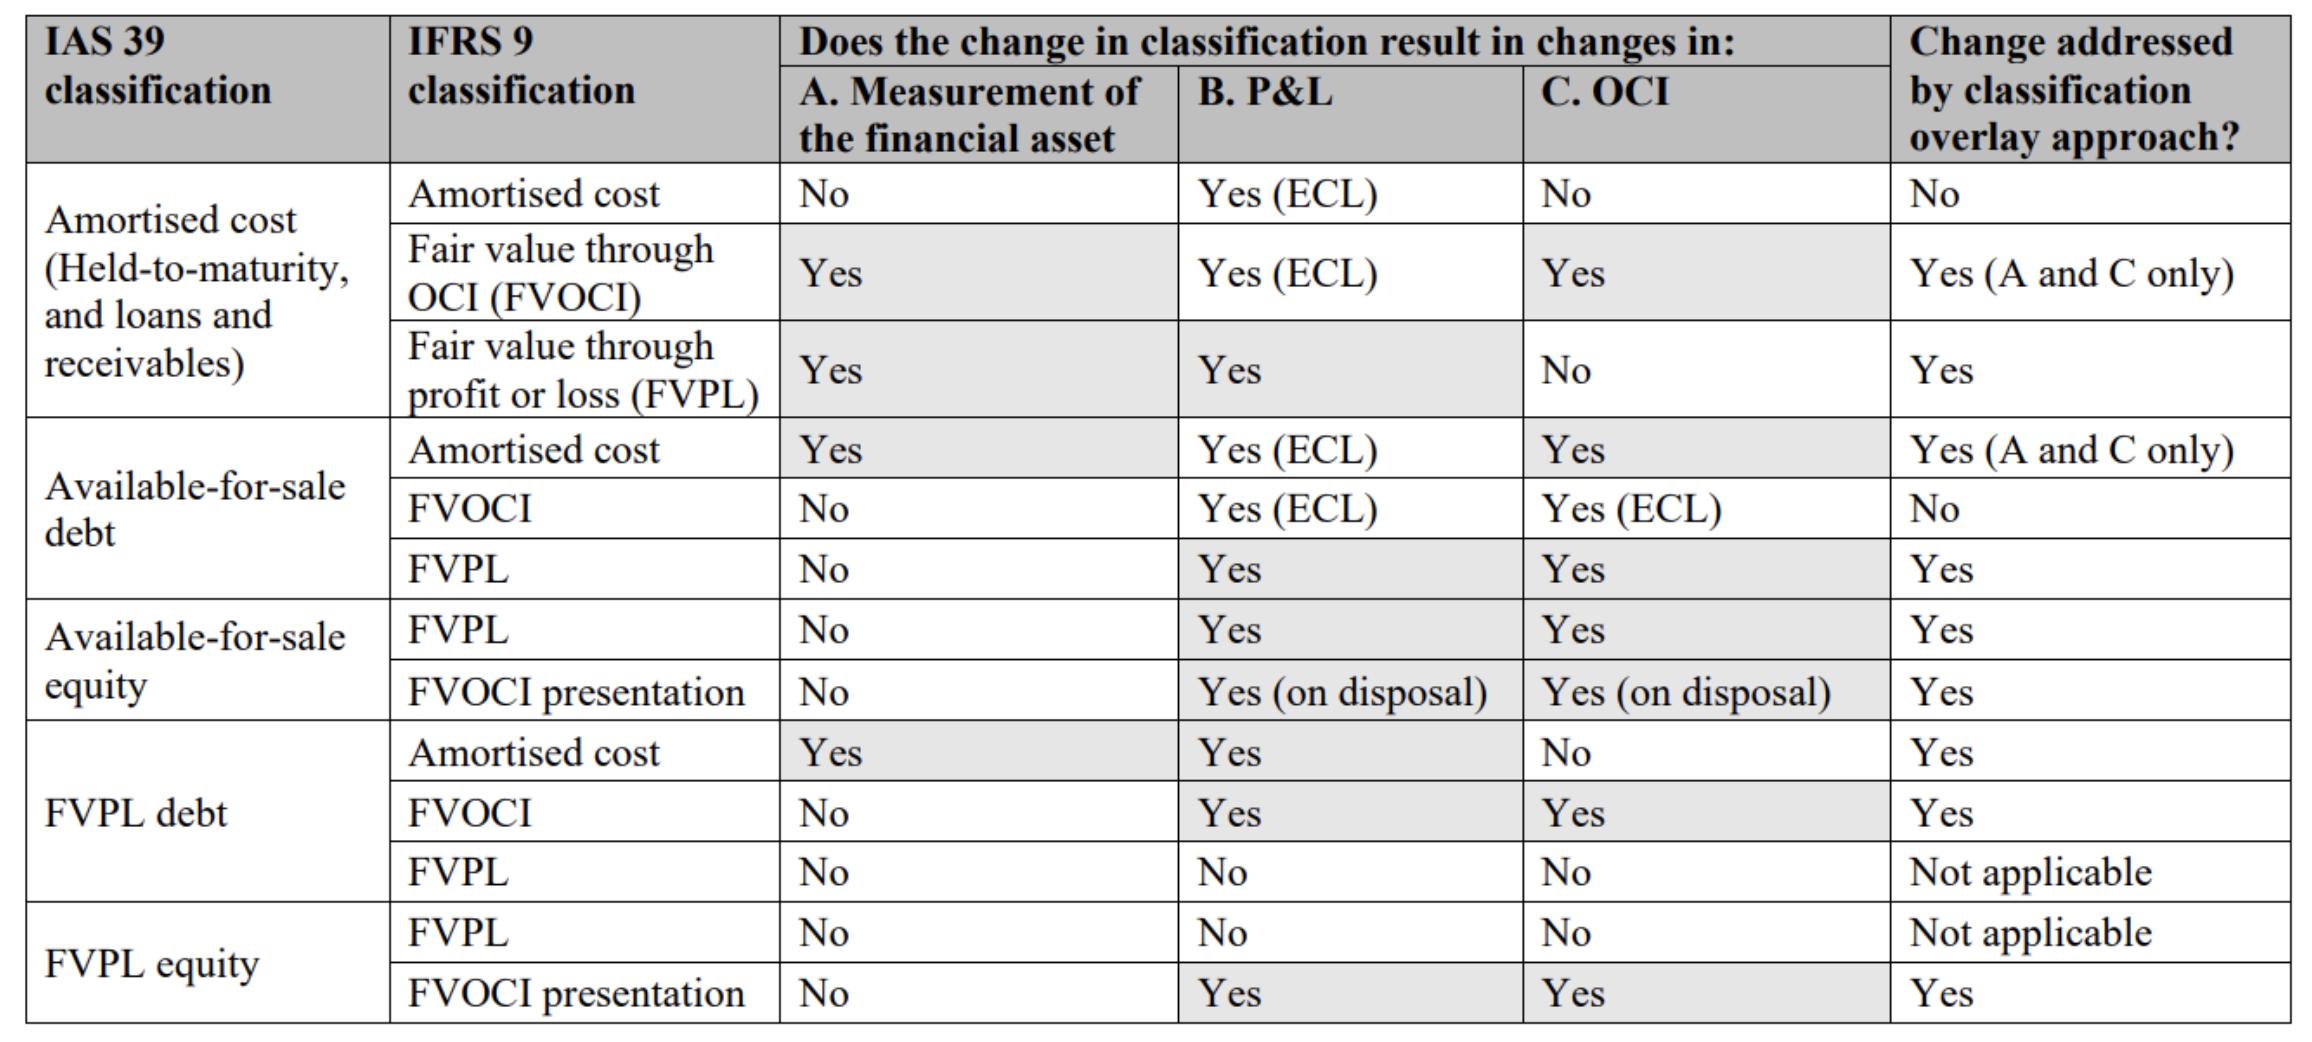 IASB - Tableau des impacts du passage d'IAS 39 à IFRS 9, identifier si l'application de la nouvelle option proposée améliore la cohérence des informations présentées dans les états financiers